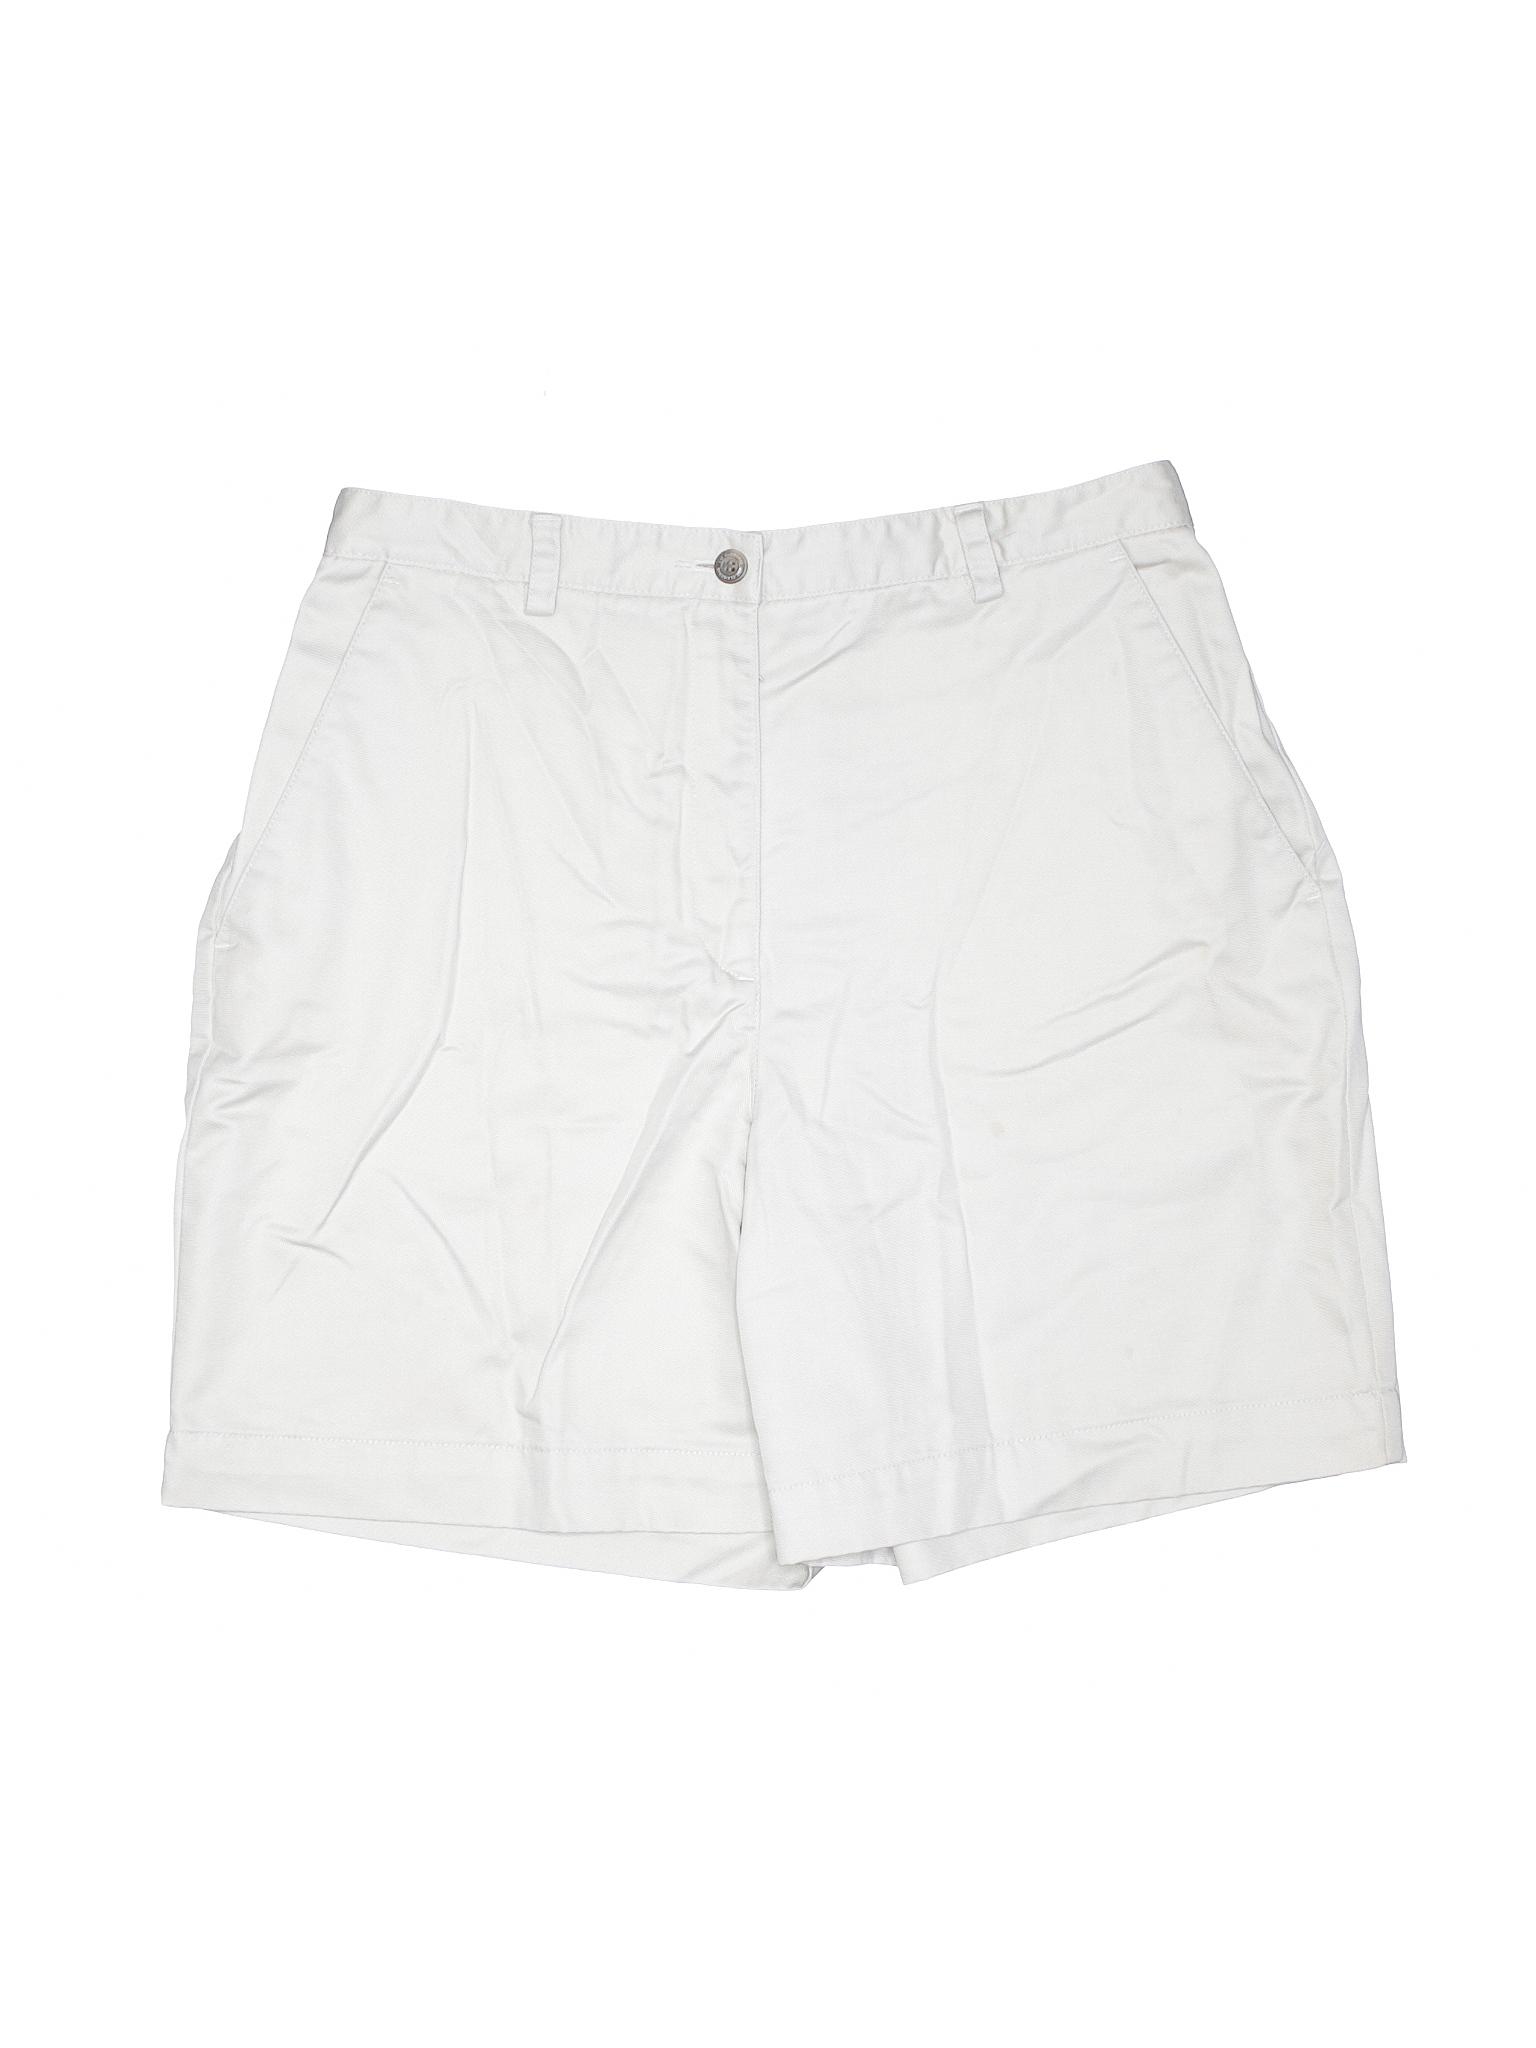 Boutique Liz winter Claiborne Shorts Khaki FrFzq